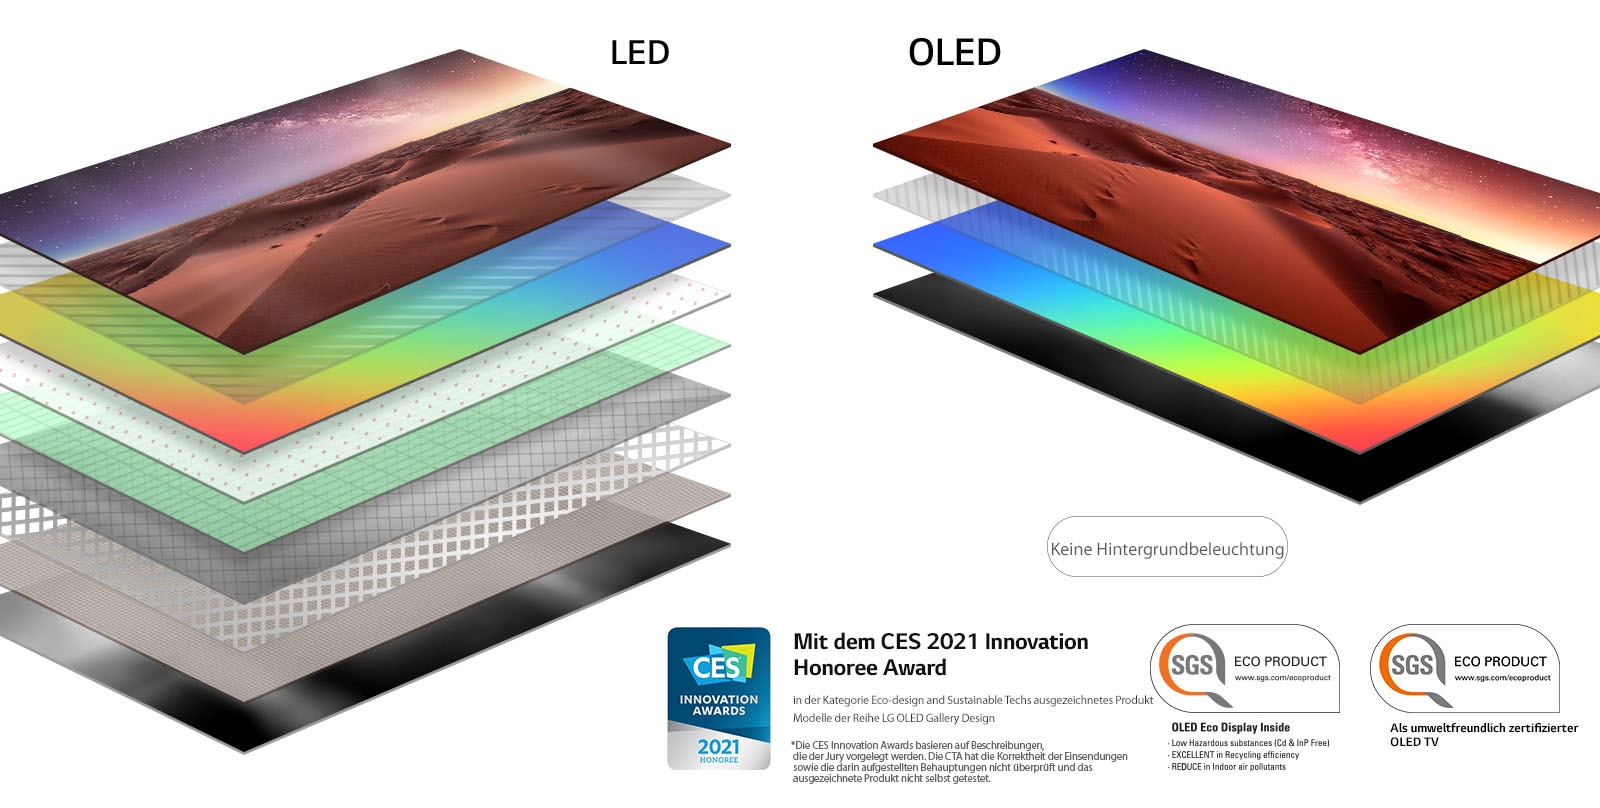 Primerjava sestave prikaznih slojev osvetljene LED televizije in samoosvetljujoče televizije OLED (predvajanje videa)